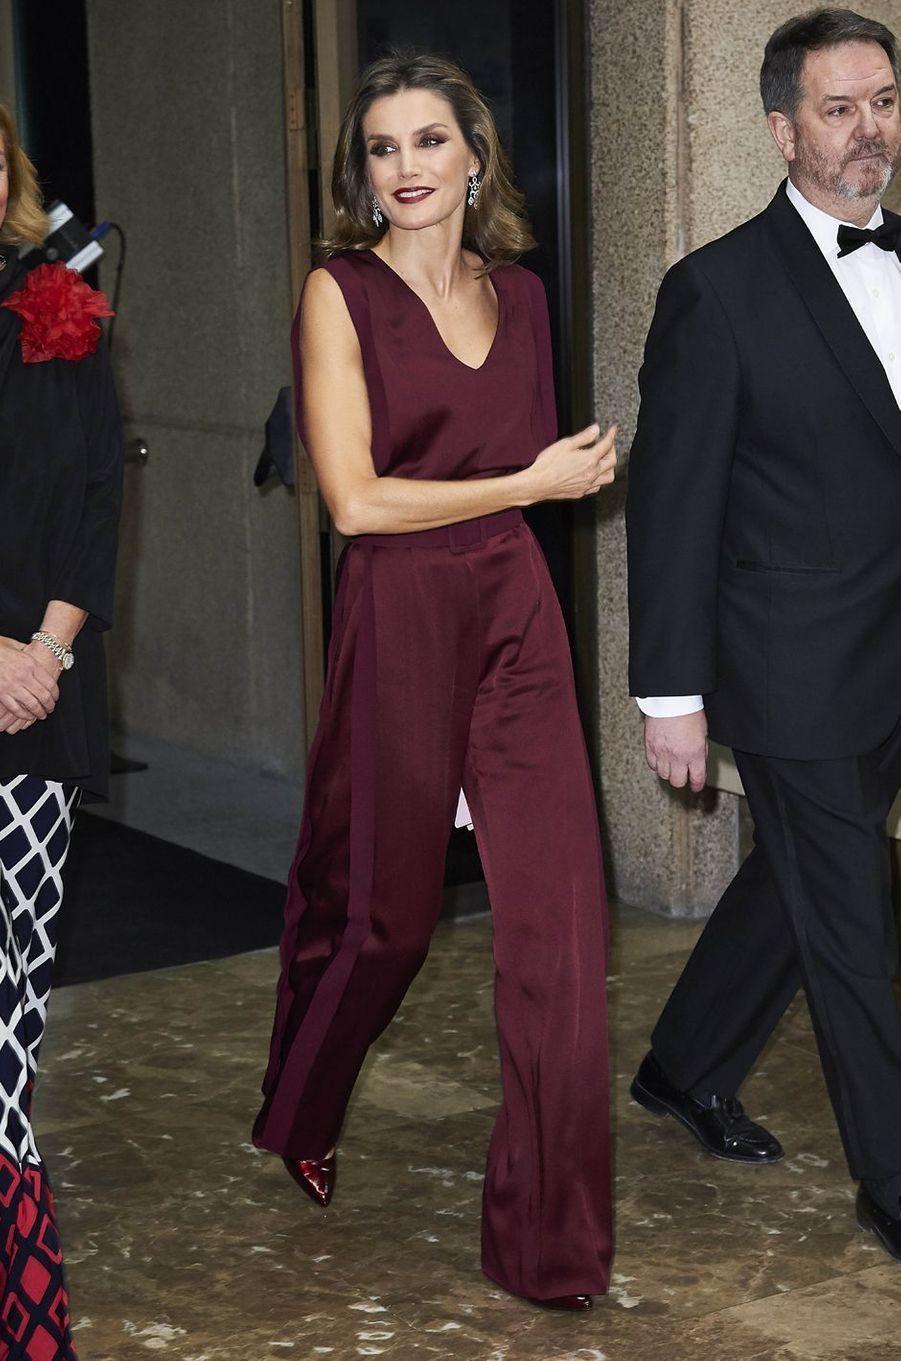 La reine Letizia d'Espagne à Madrid, le 26 octobre 2017